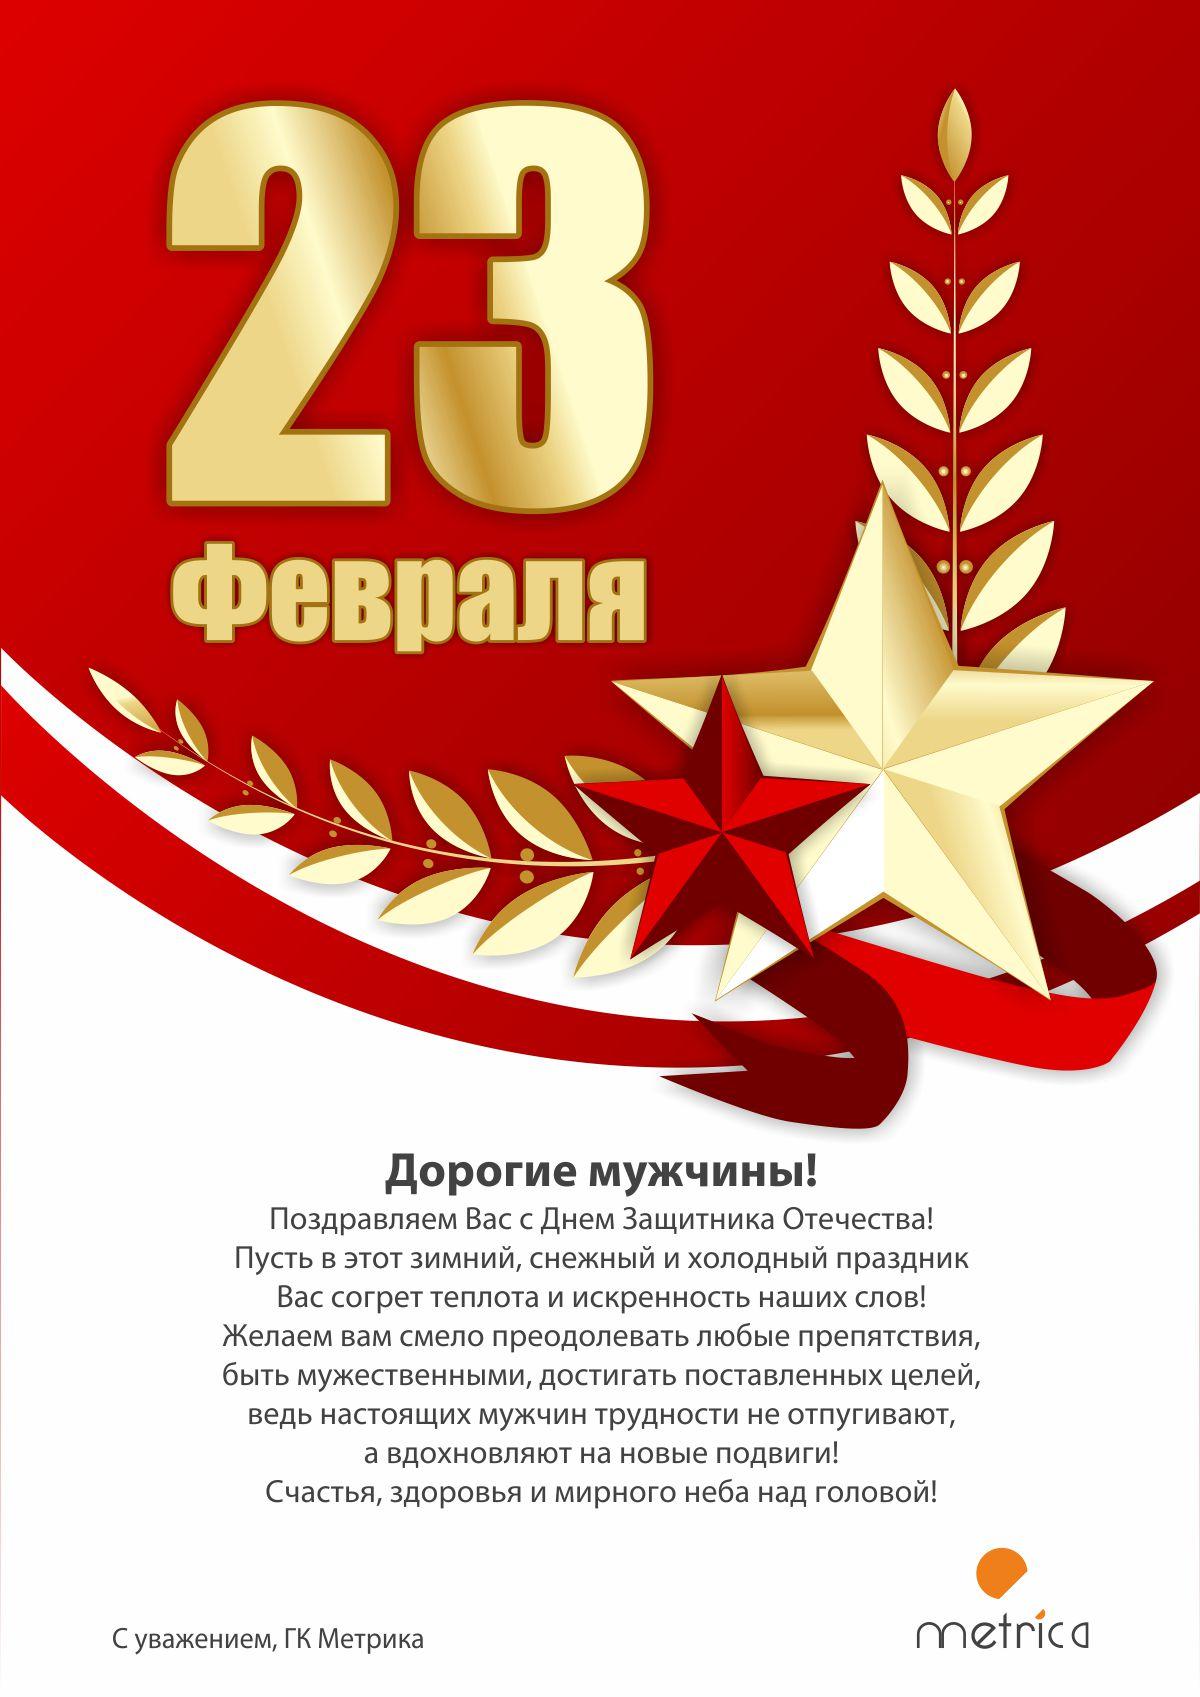 Поздравления с днем защитника отечества от мужчин к мужчинам 154